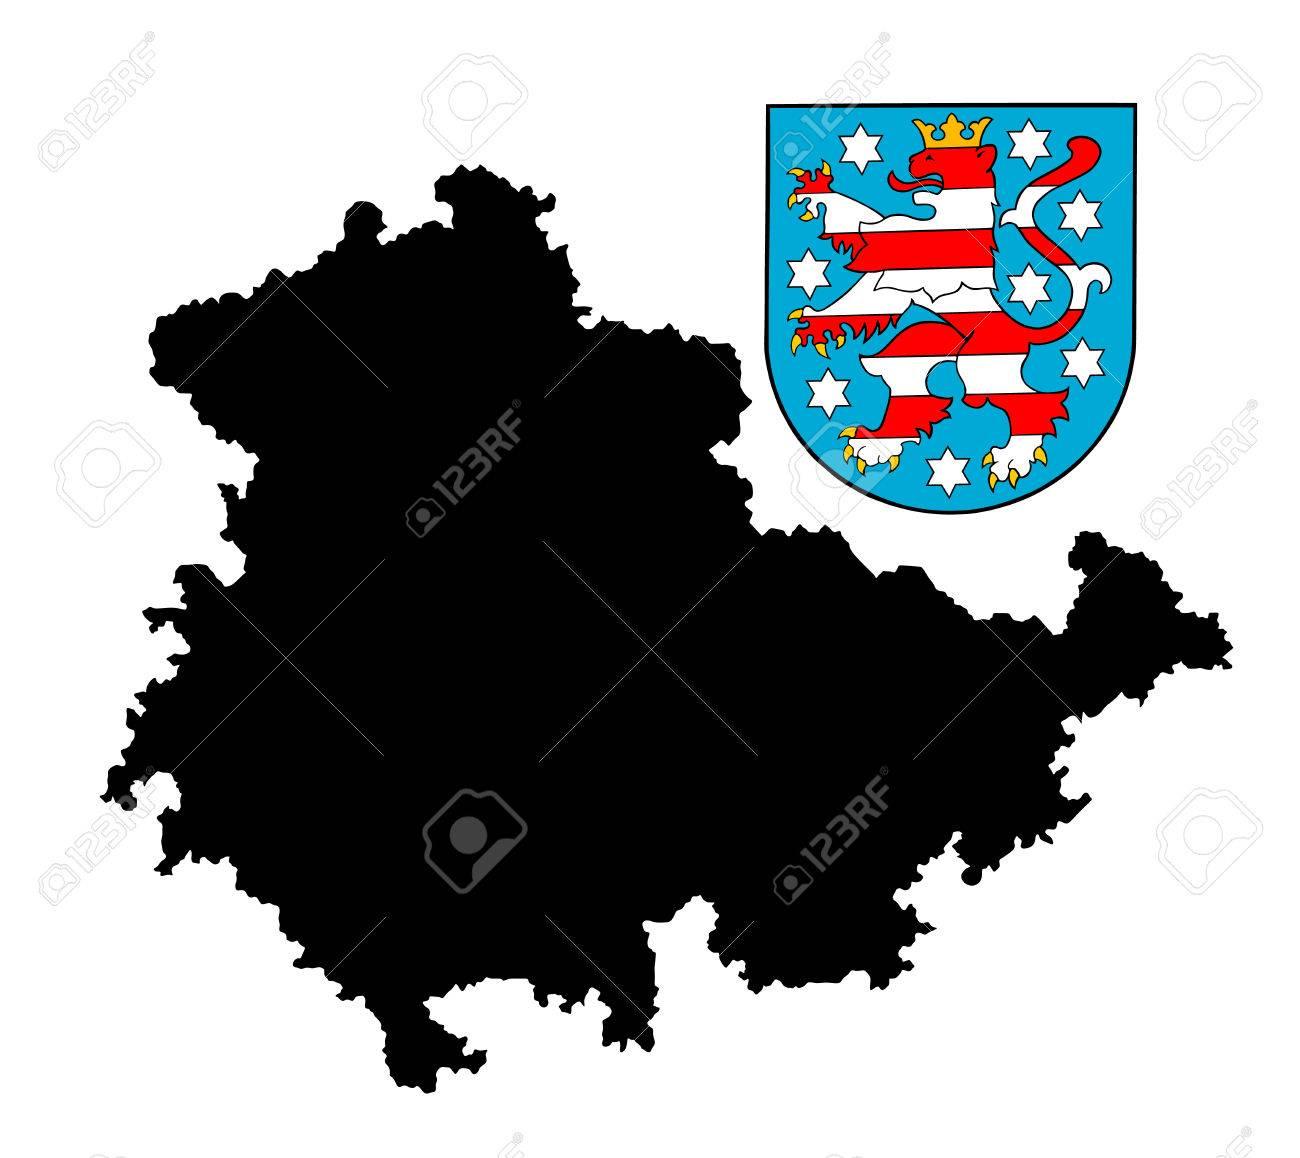 Carte Allemagne Thuringe.Blason De Thuringe Allemagne Drapeau Original Vecteur Isole Dans